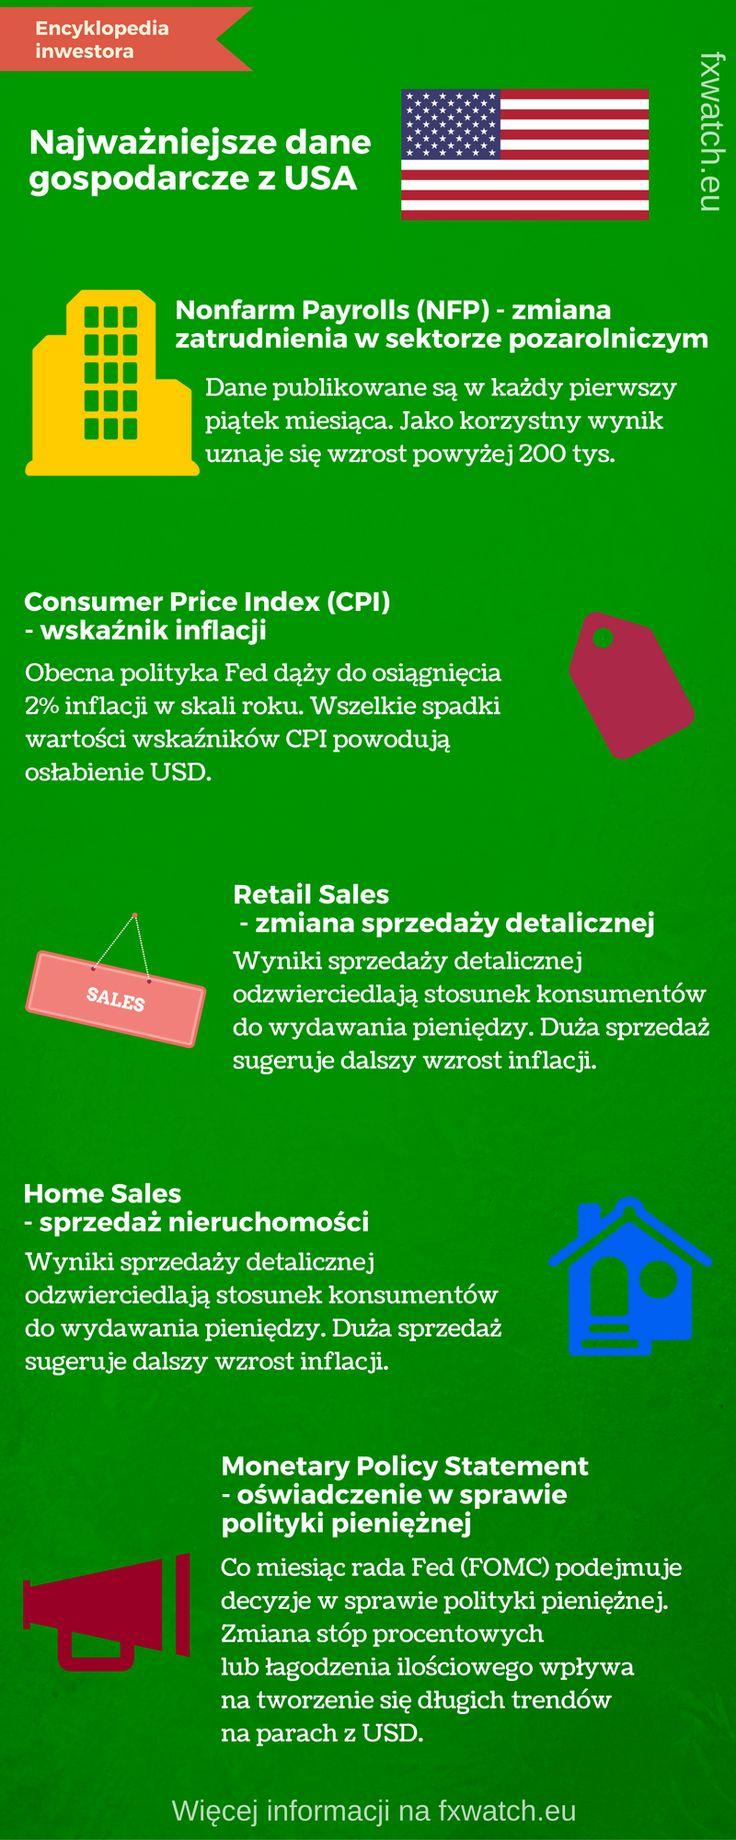 Najważniejsze dane gospodarcze - USA • Wiadomości • FxWatch